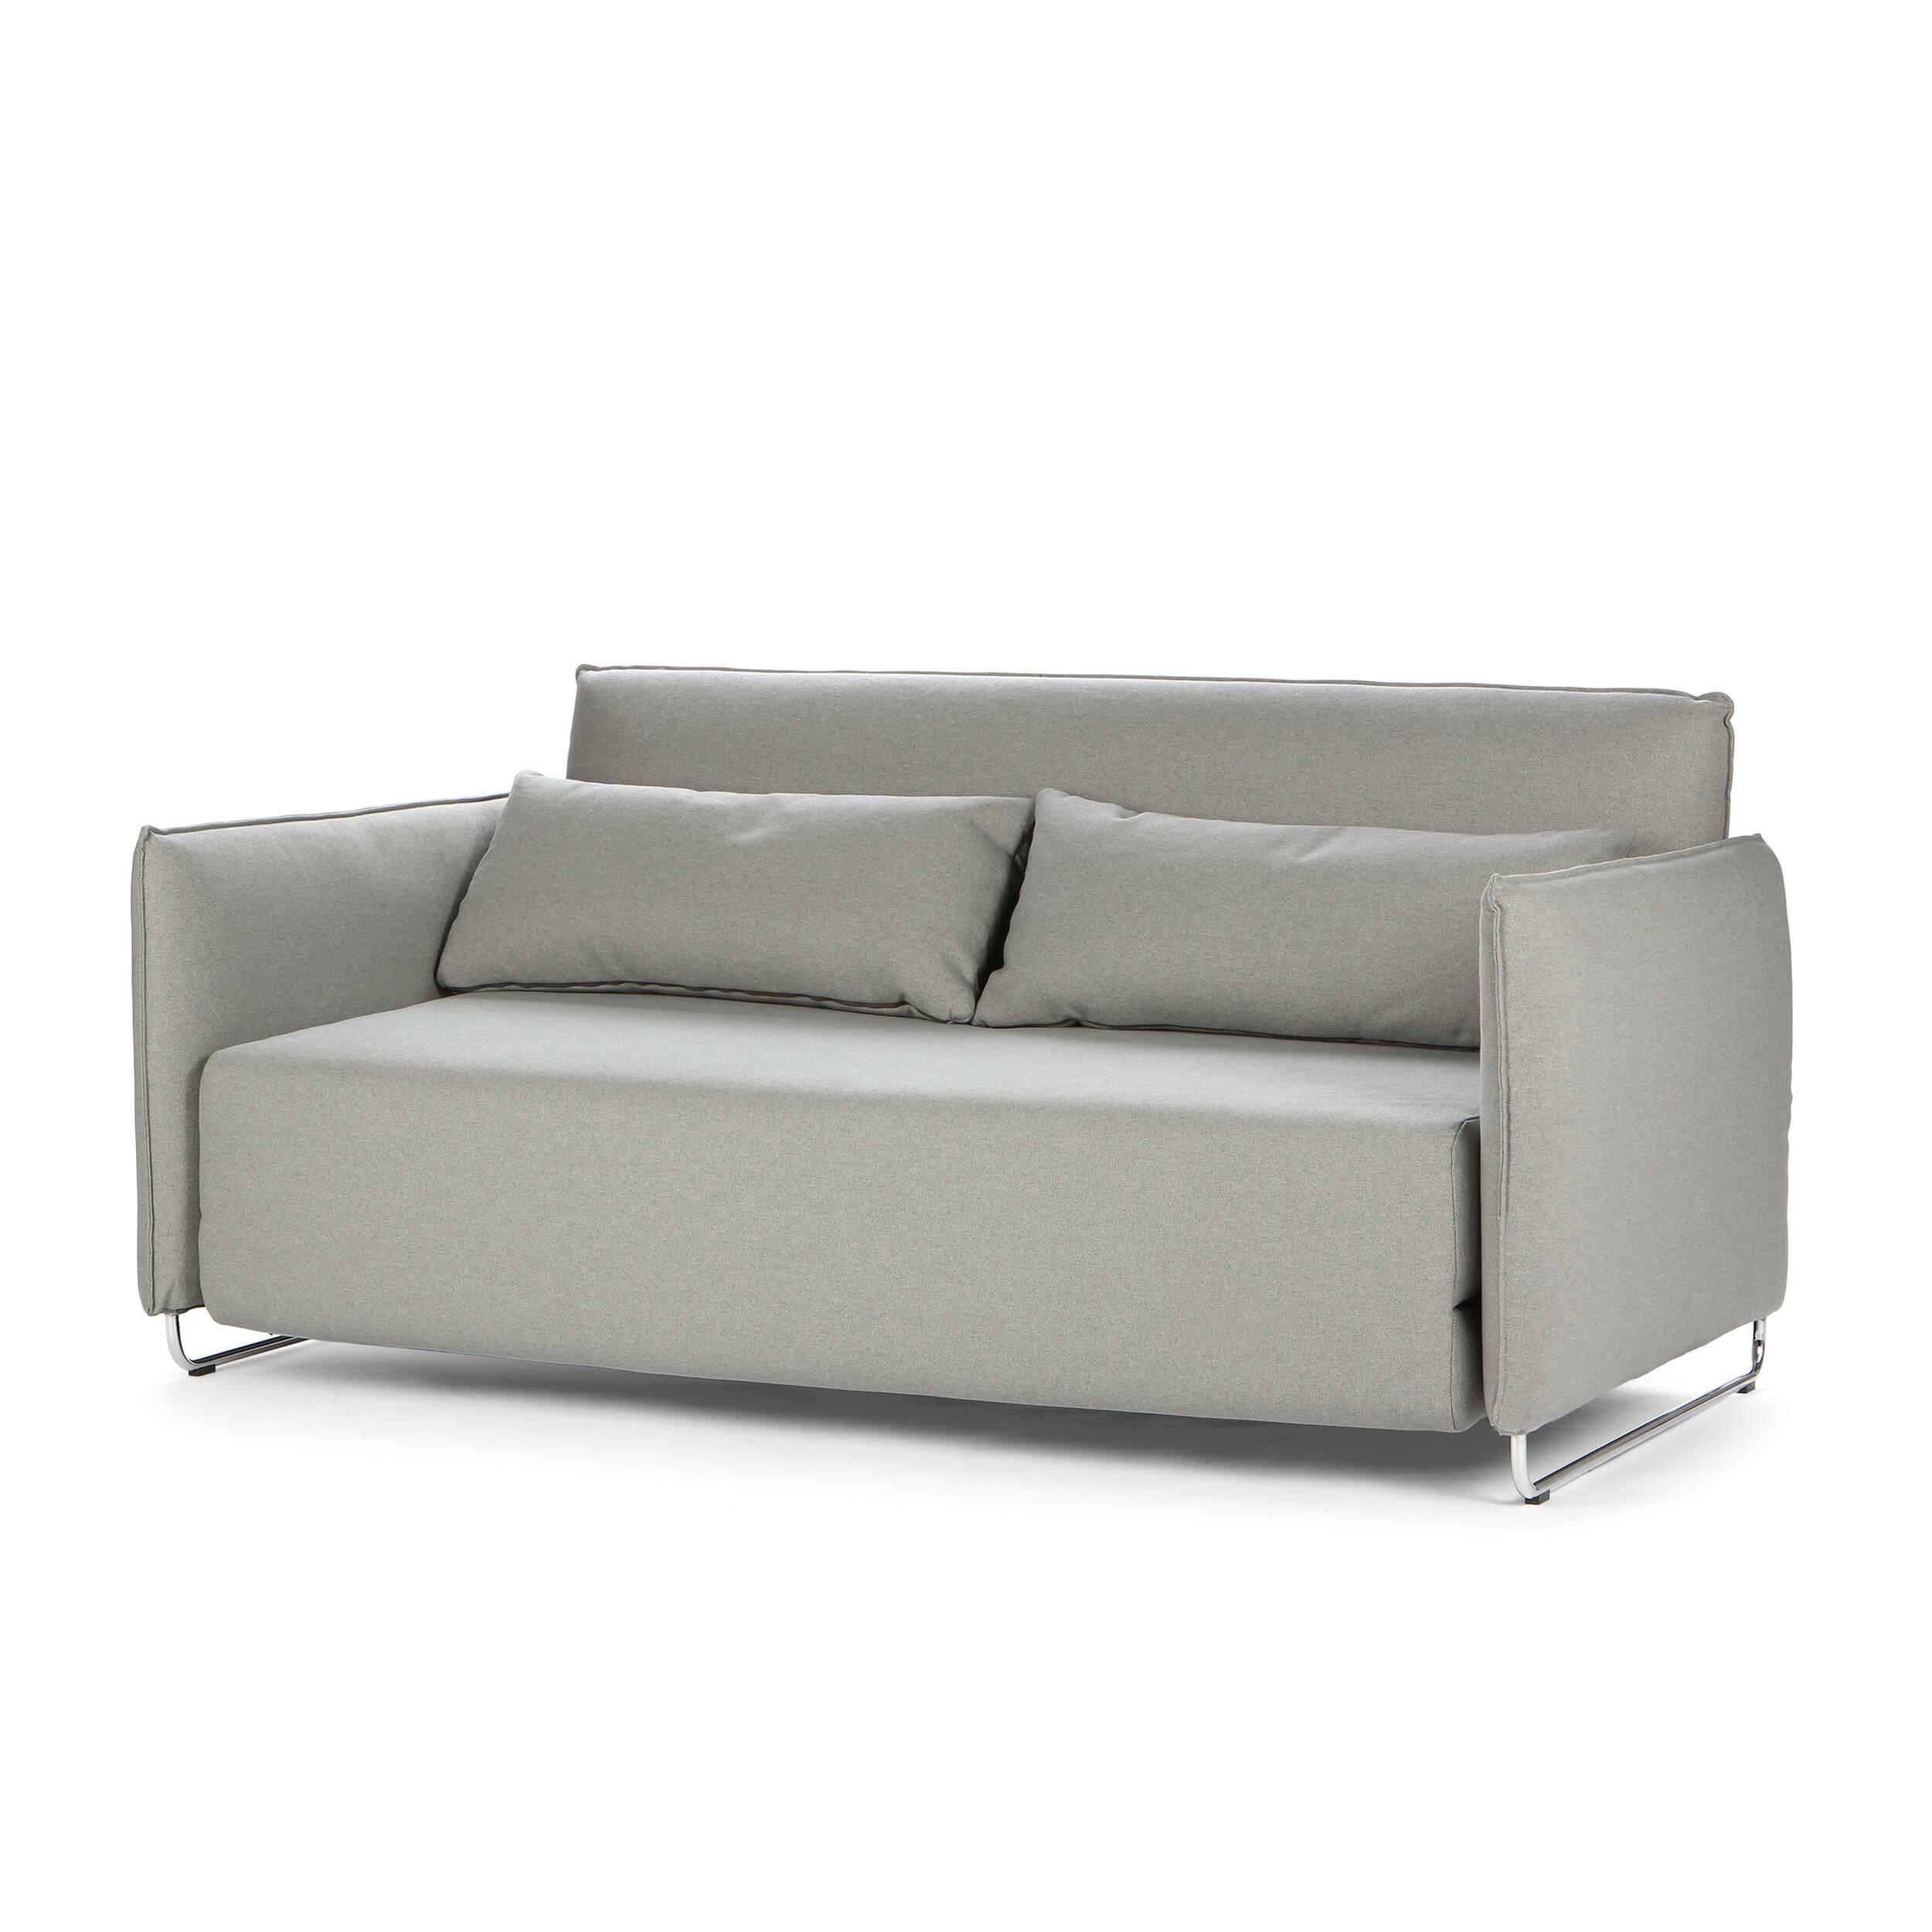 Диван CordРаскладные<br>Дизайнерский темно-коричневый диван Dale (Дэйл) с обивкой из вискозы, полиэстера, льна и на деревянных ножках от Cosmo (Космо).<br> Дизайнеры компании Cosmo разработали диван с весьма универсальным дизайном, который сможет легко вписаться практически в любой интерьер. Диван Dale раскладной имеет приятные округлые формы и теплый, насыщенный темно-коричневый цвет. У дивана небольшие размеры, благодаря чему он станет замечательным украшением небольшого помещения и подарит вам прекрасный, наполнен...<br><br>stock: 3<br>Высота: 76<br>Высота сиденья: 38<br>Глубина: 96<br>Длина: 170<br>Цвет ножек: Хром<br>Материал обивки: Хлопок, Полиэстер<br>Коллекция ткани: Vision<br>Тип материала обивки: Ткань<br>Тип материала ножек: Сталь<br>Размер спального места (см): 200x148<br>Цвет обивки: Серый